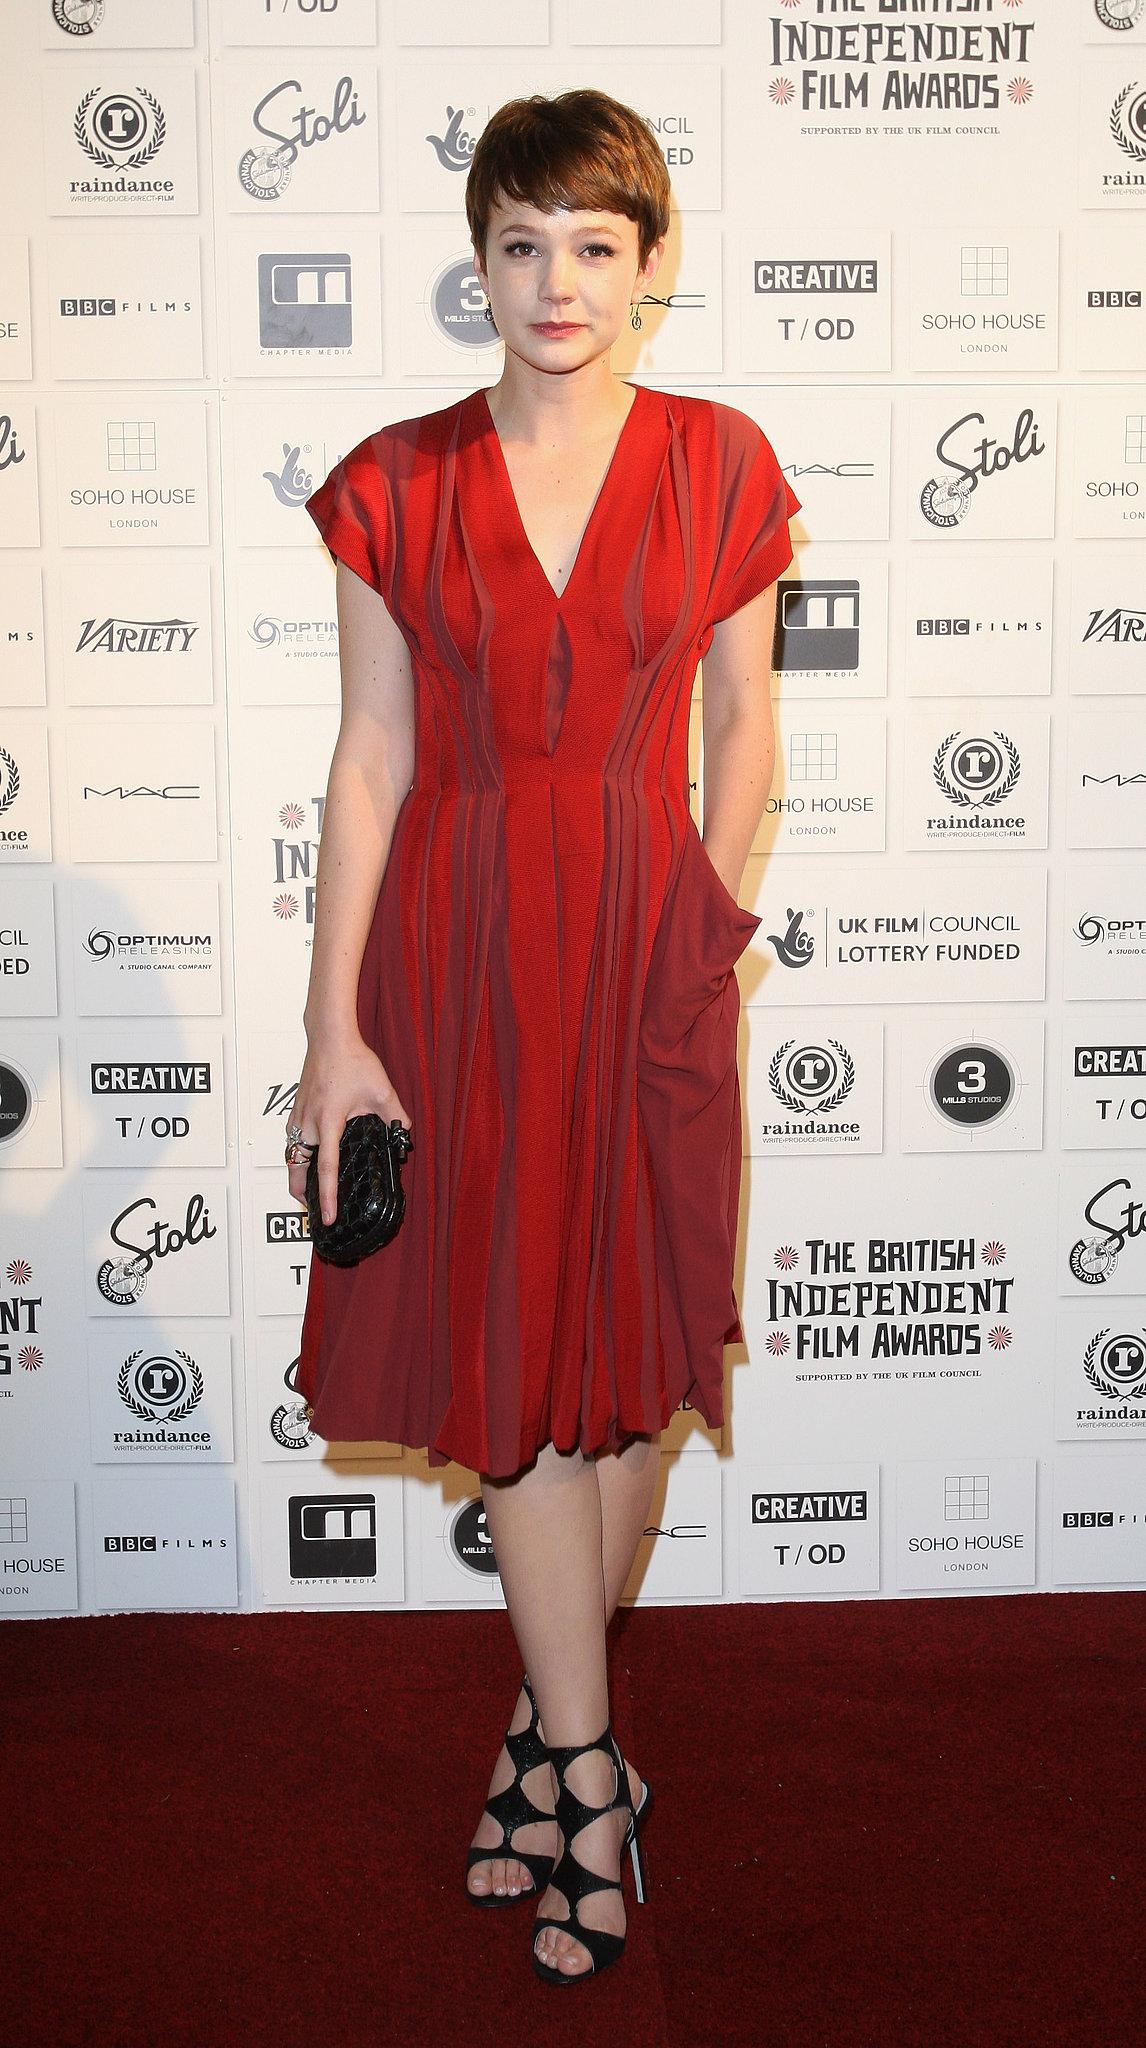 Carey Mulligan in Red Bottega Veneta at the 2009 British Independent Film Awards